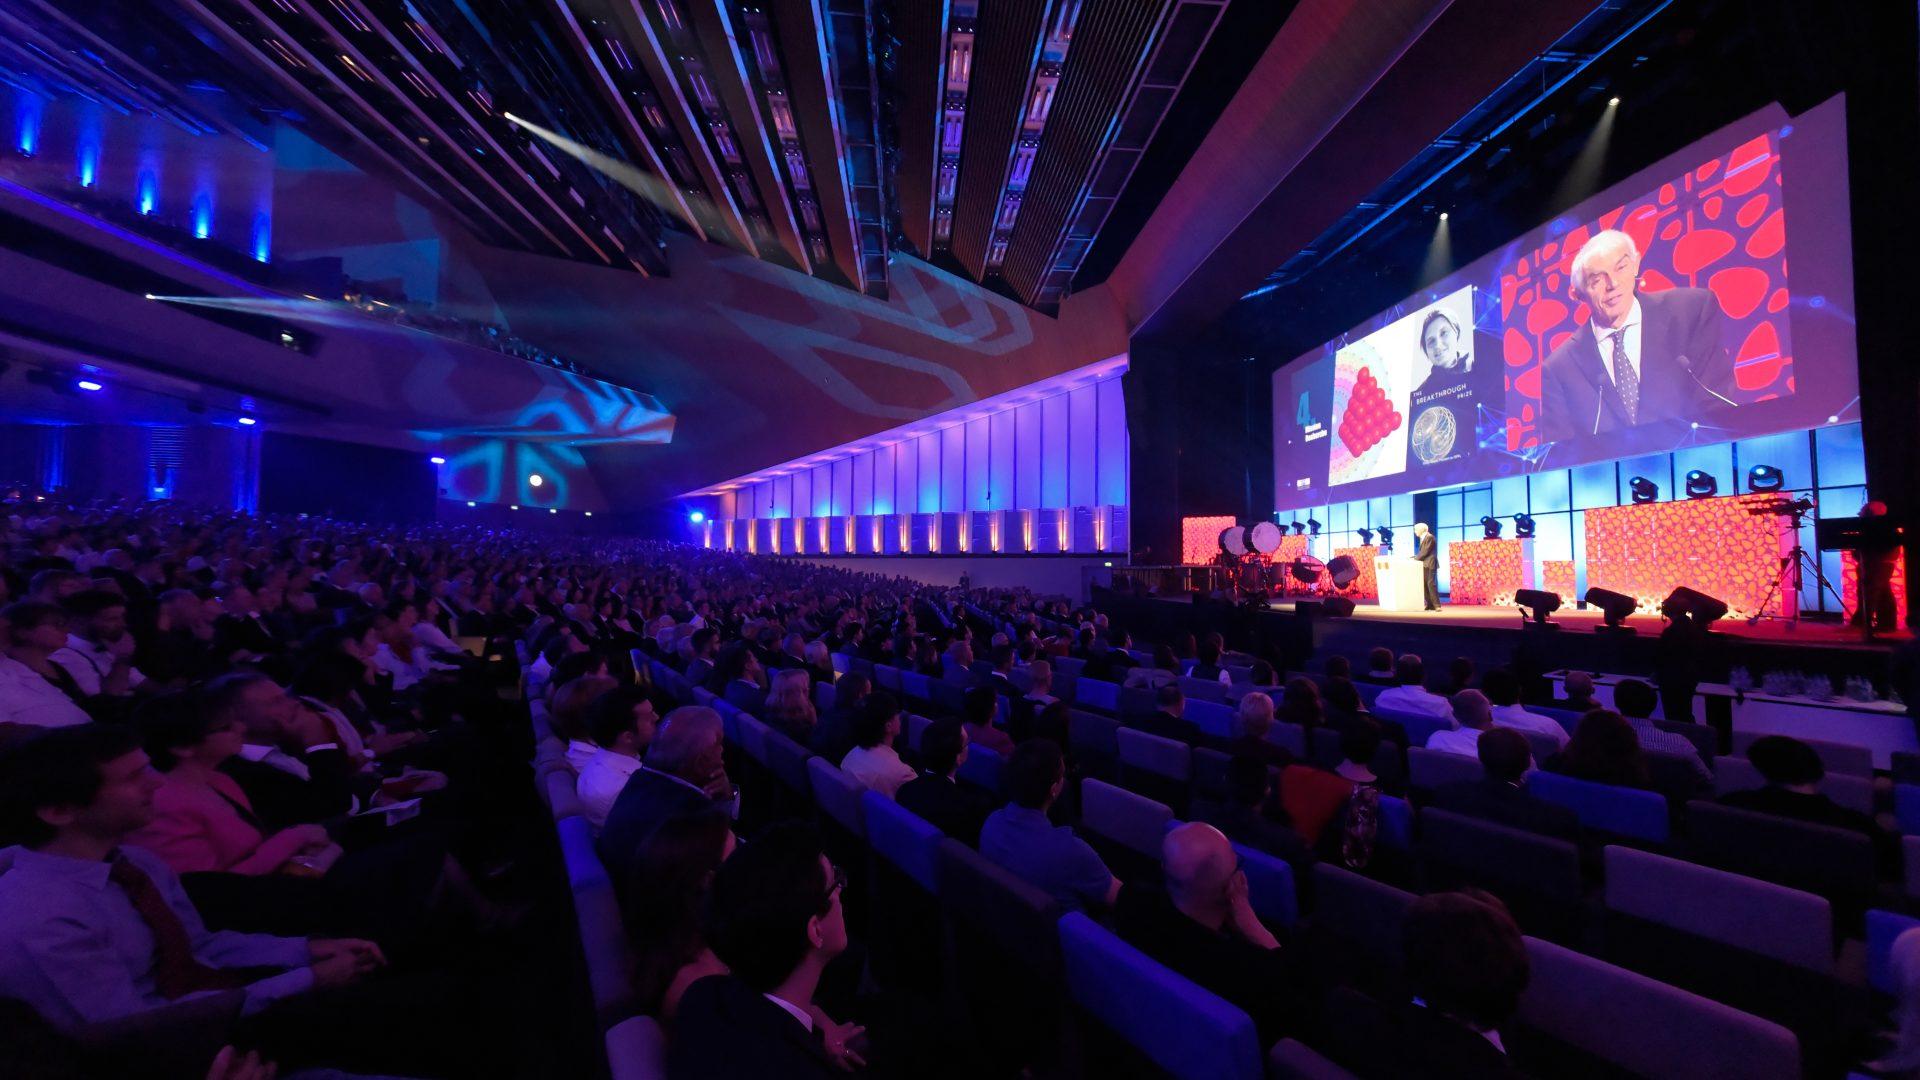 Vue du SwissTech Convention Center, plongé dans le noir. La salle est pleine. Sur la scène au second plan, Martin Vetterli donnant un discours. Au dessus de lui, des écrans retransmettant son discours.